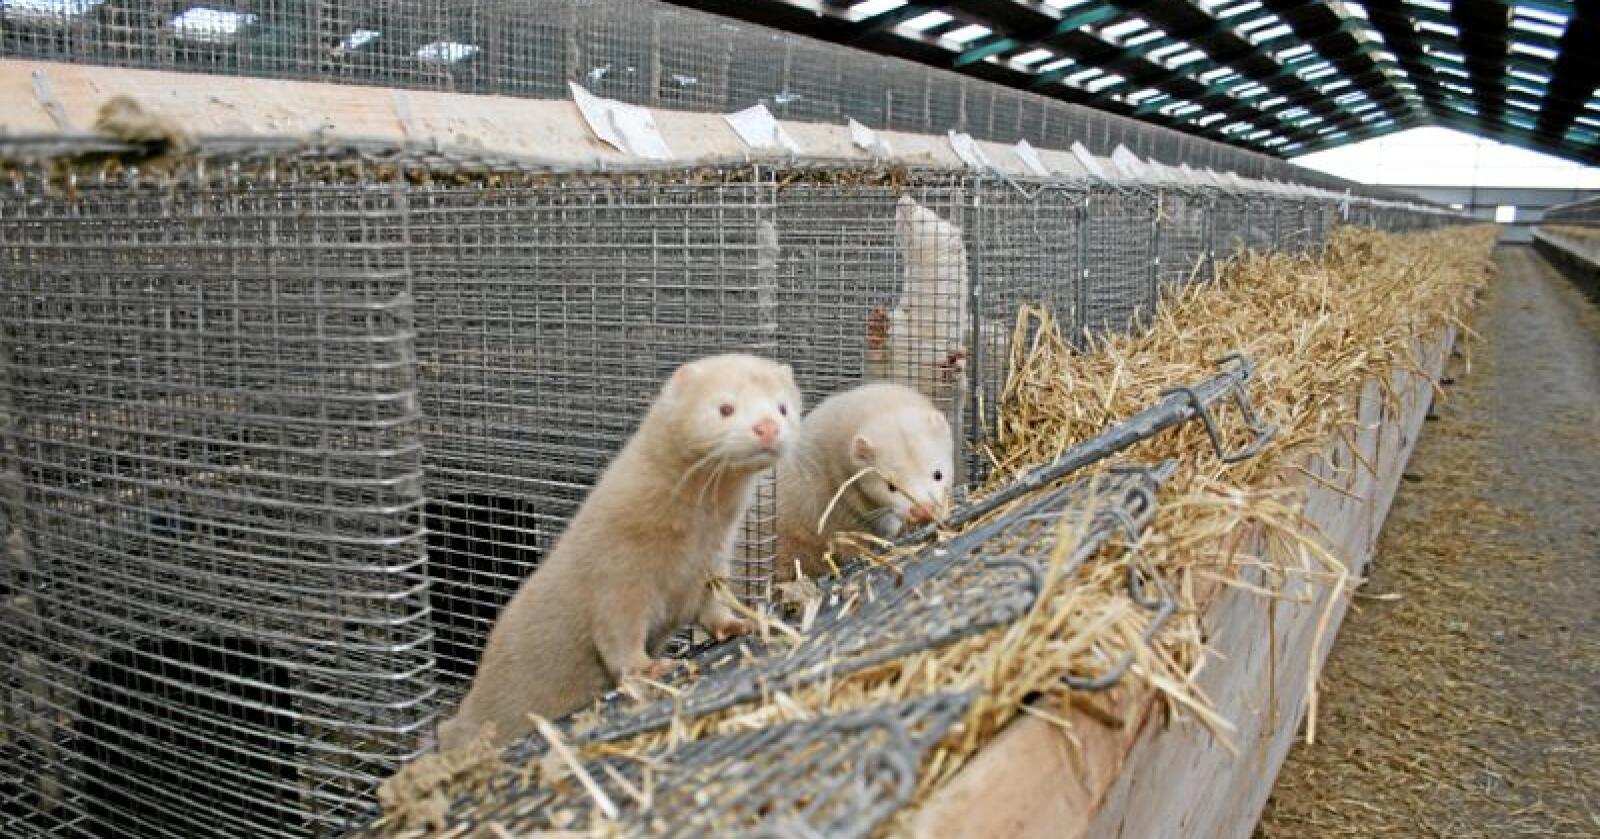 Avvikling: Regjeringa vil avvikle pelsdyrnæringa innan februar 2025. Foto: Bjarne Bekkeheien Aase